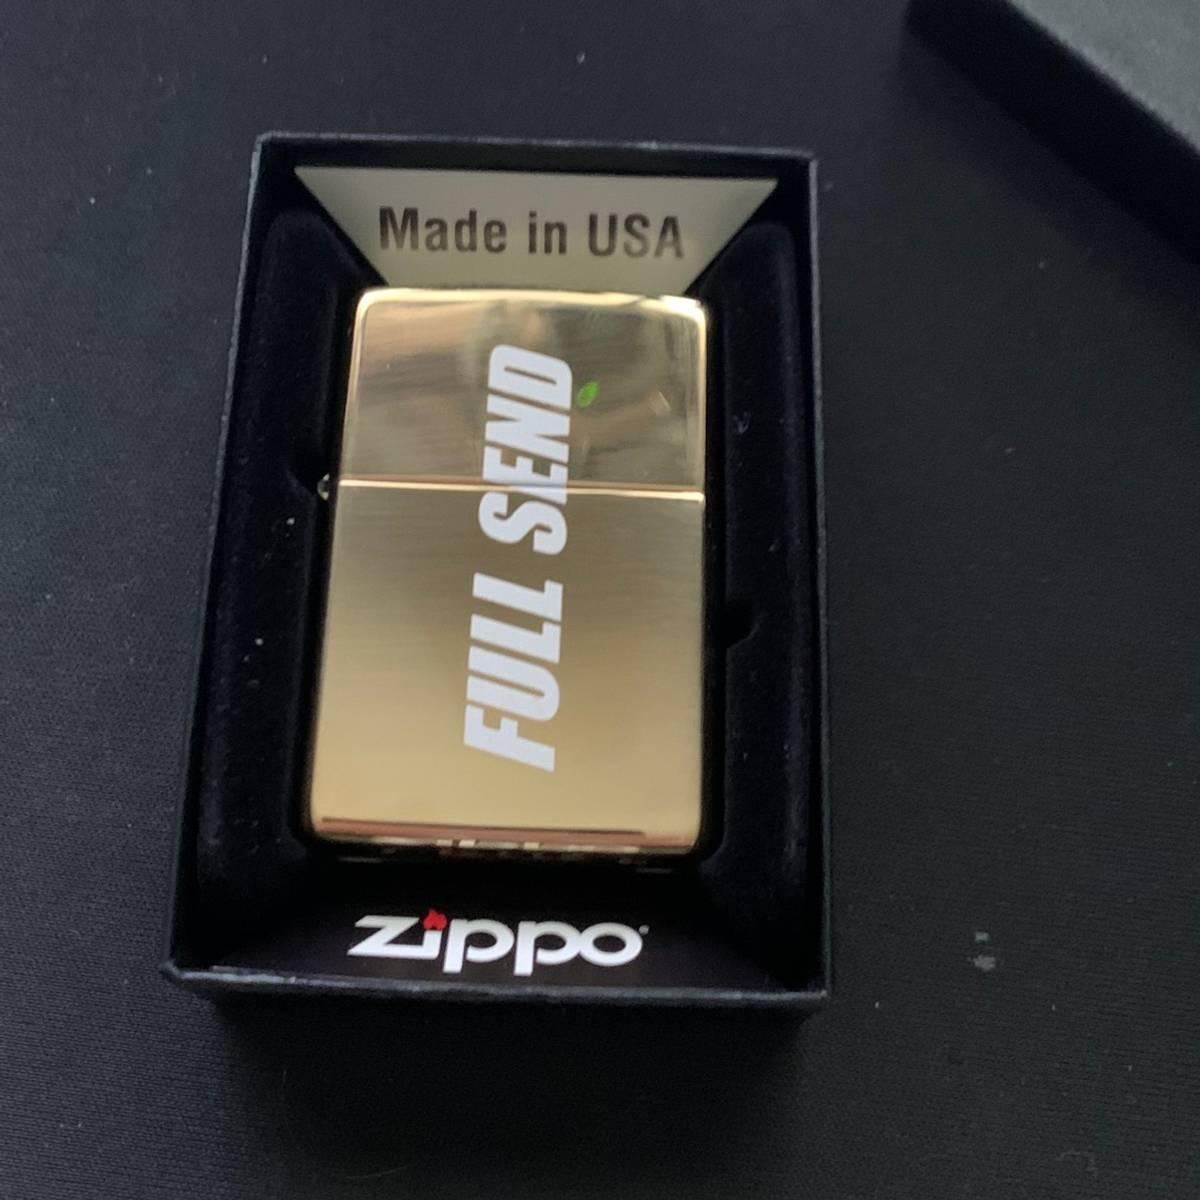 Full Send By Nelk Boys Full Send Gold Zippo Lighter 836 1000 Grailed Steve will do it nbanger. grailed